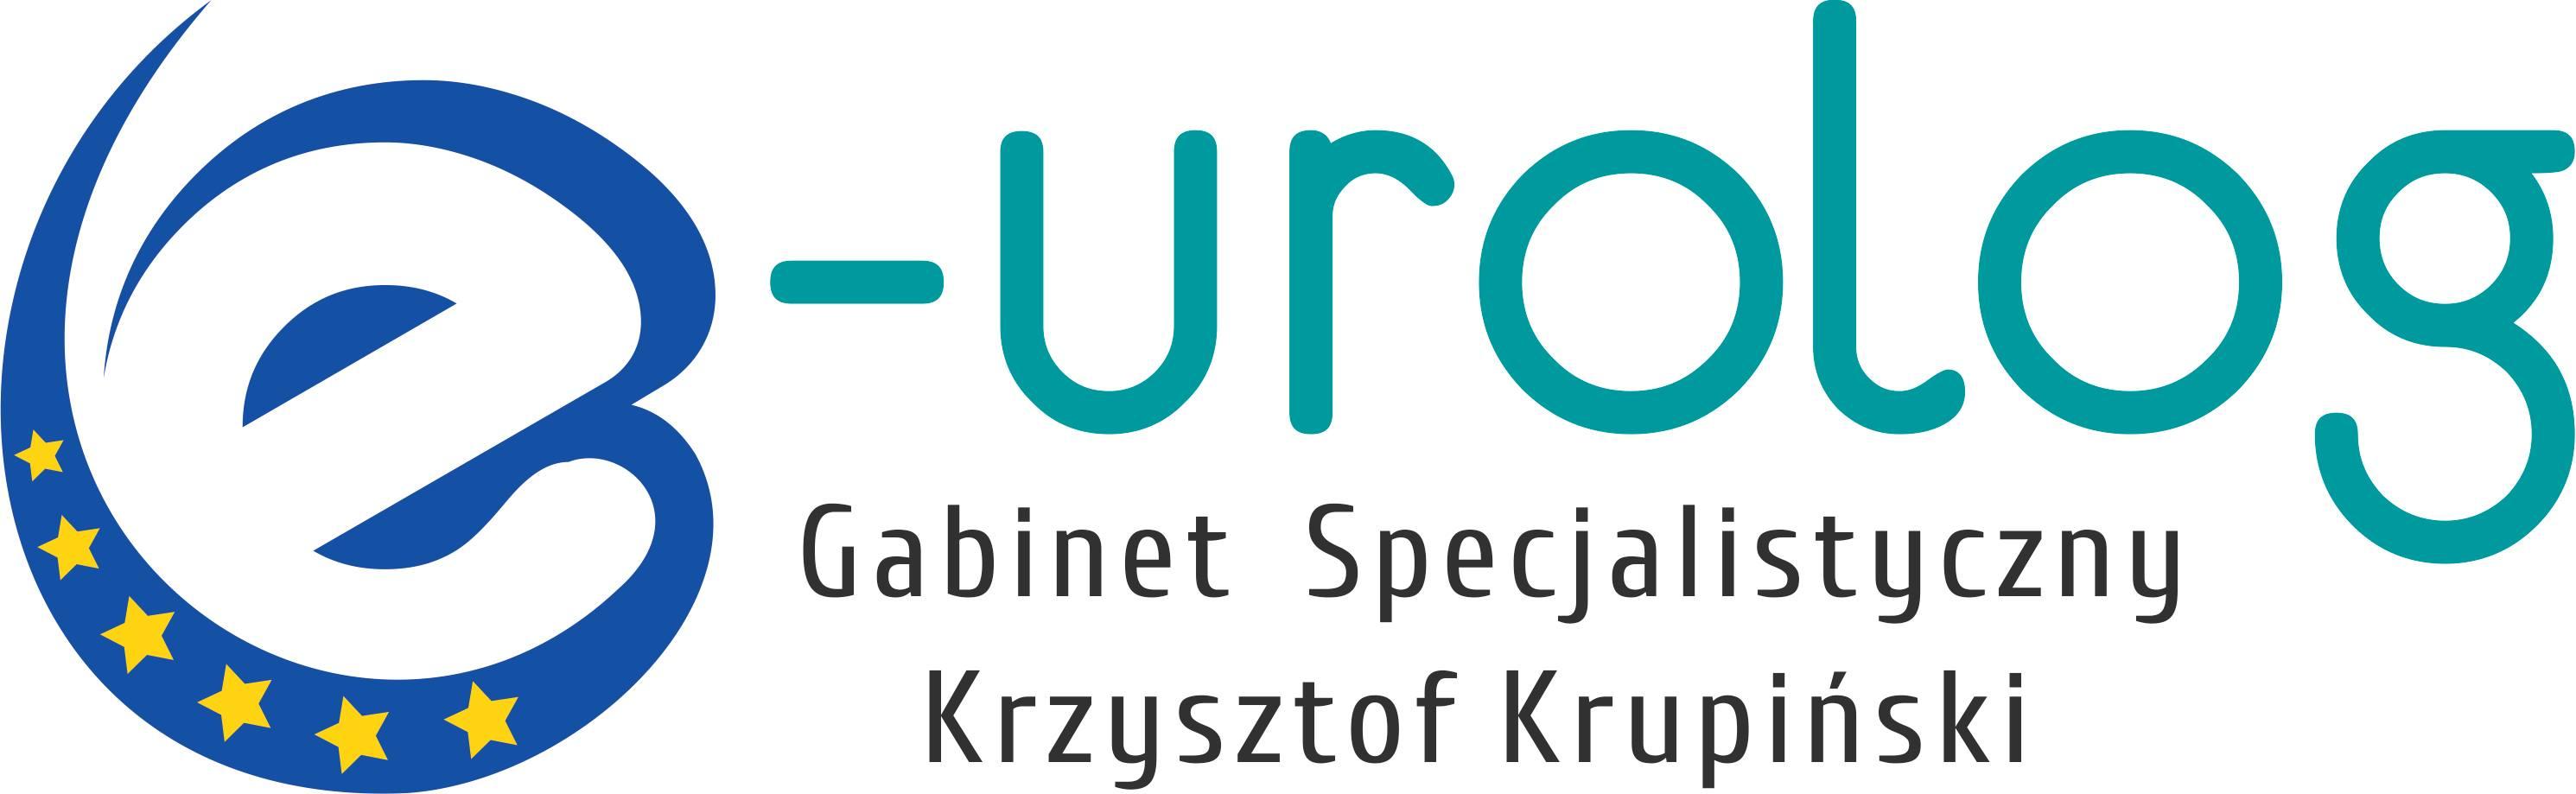 Krzysztof Krupiński - Specjalista Urolog Koszalin Gabinet Prywatny